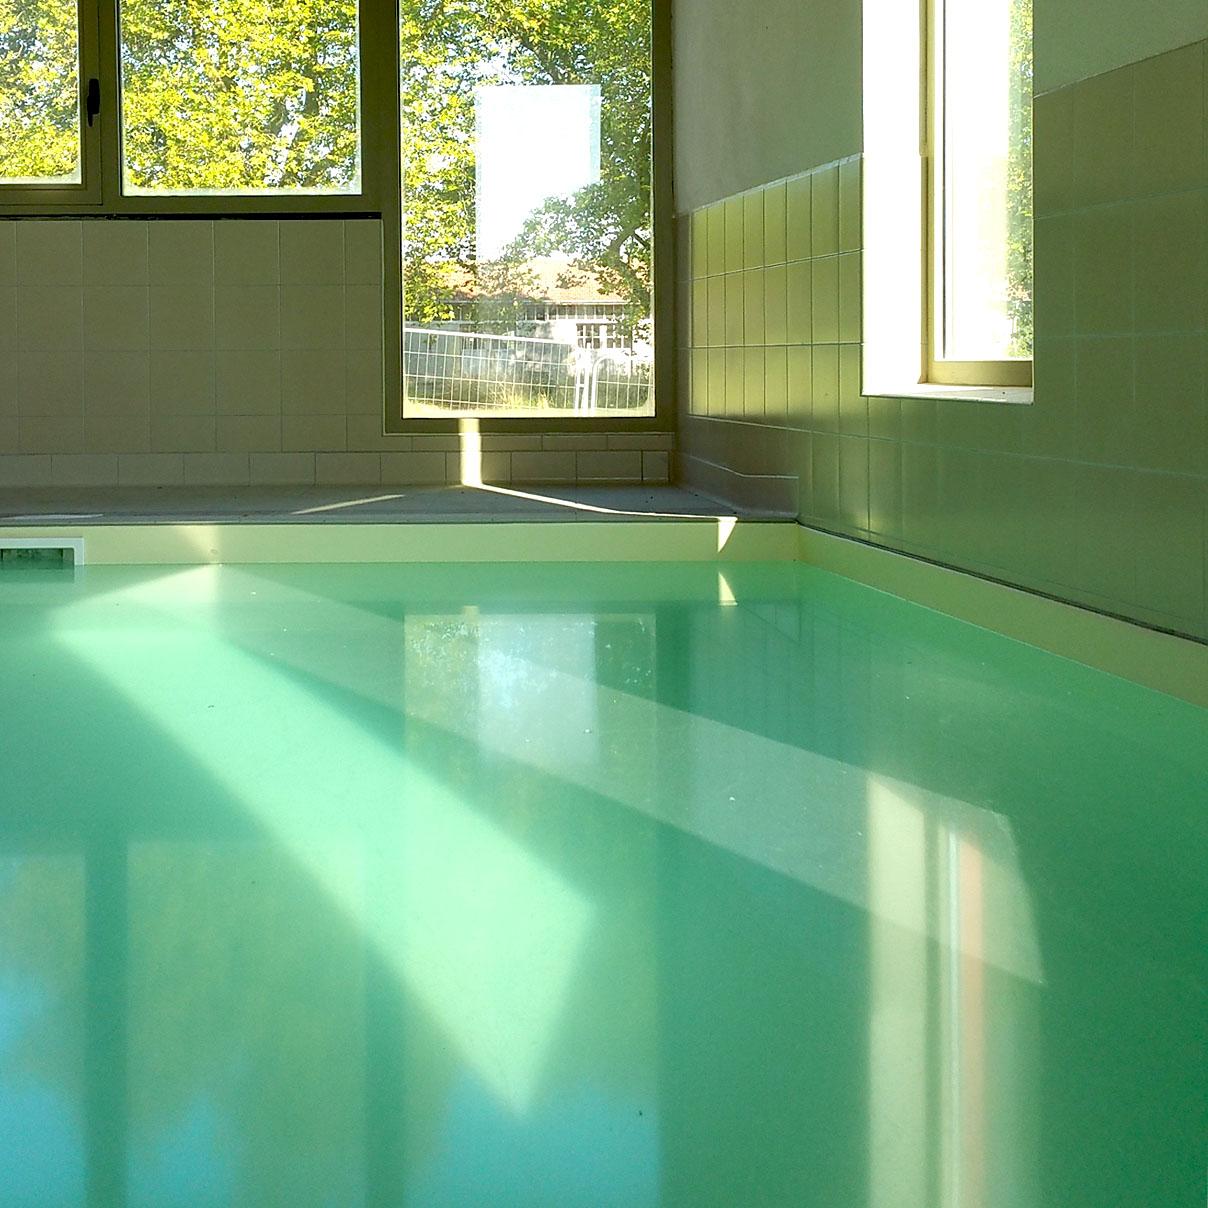 maskarade-architecture-erp-communaute-communes-piscine-camping-2016-1840-eau